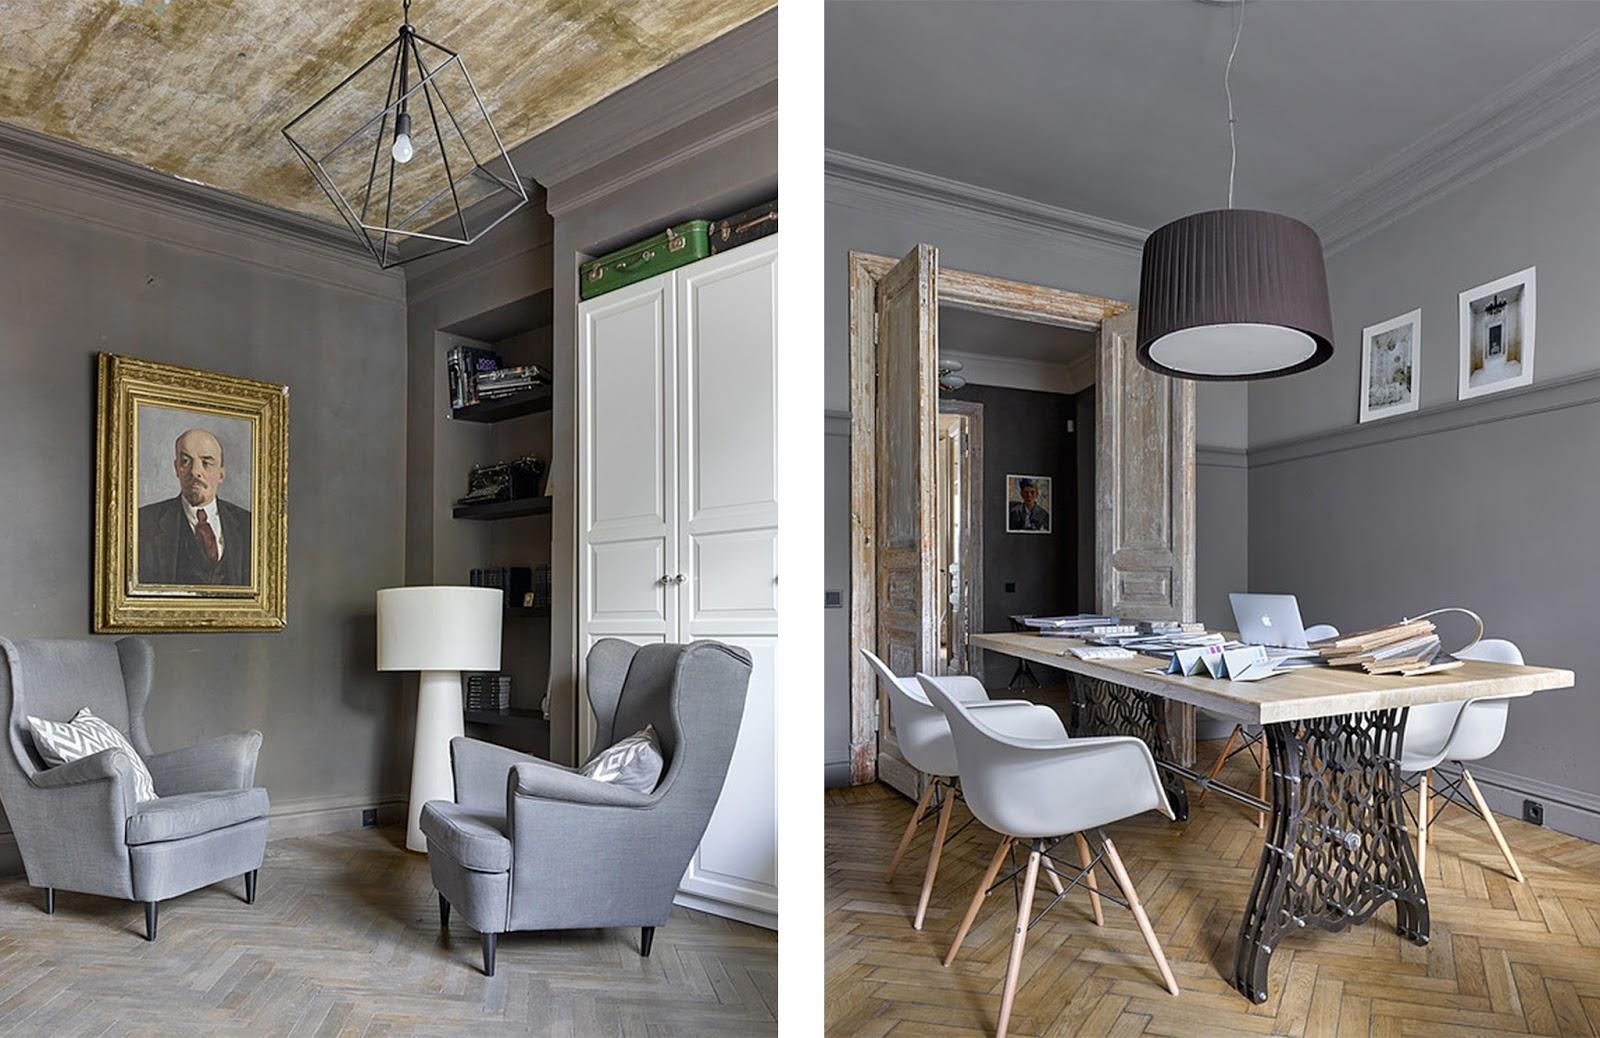 Casa ufficio con opere d 39 arte e arredi vintage by for Ufficio architetto design